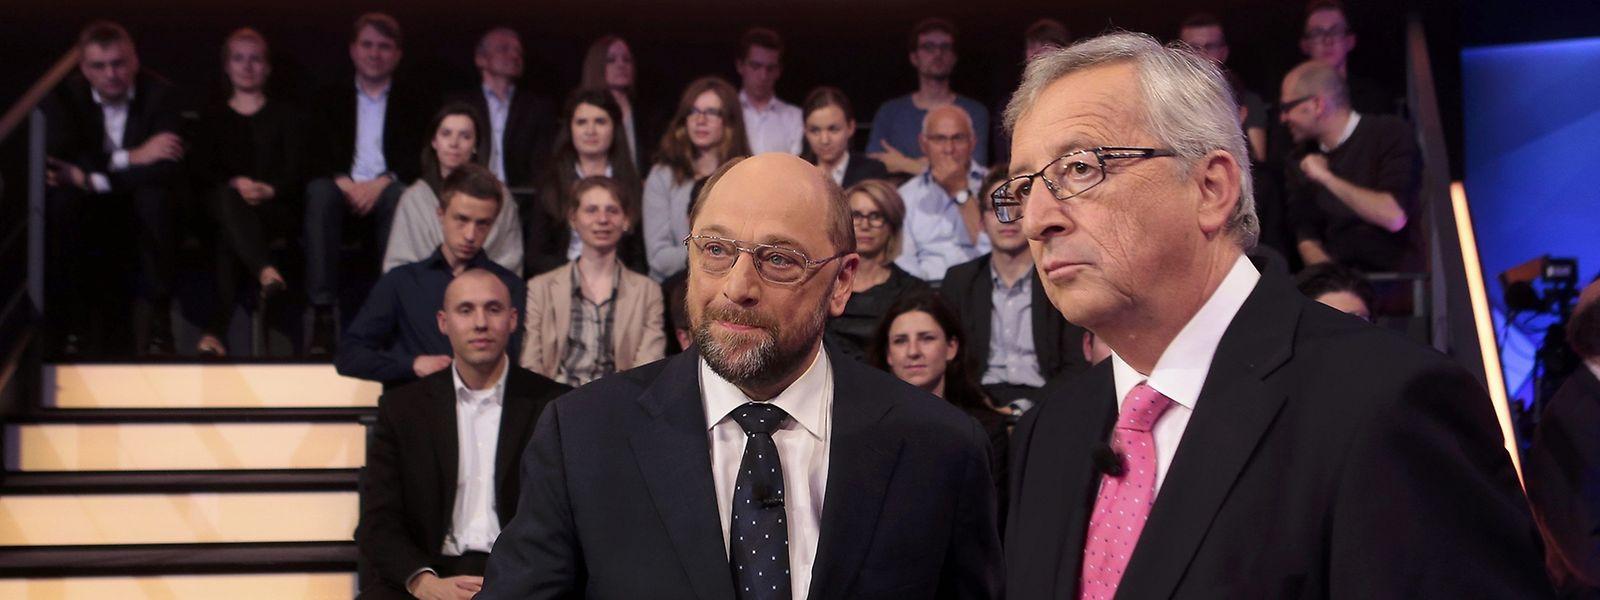 Martin Schulz und Jean-Claude Juncker im EU-Wahlkampffieber